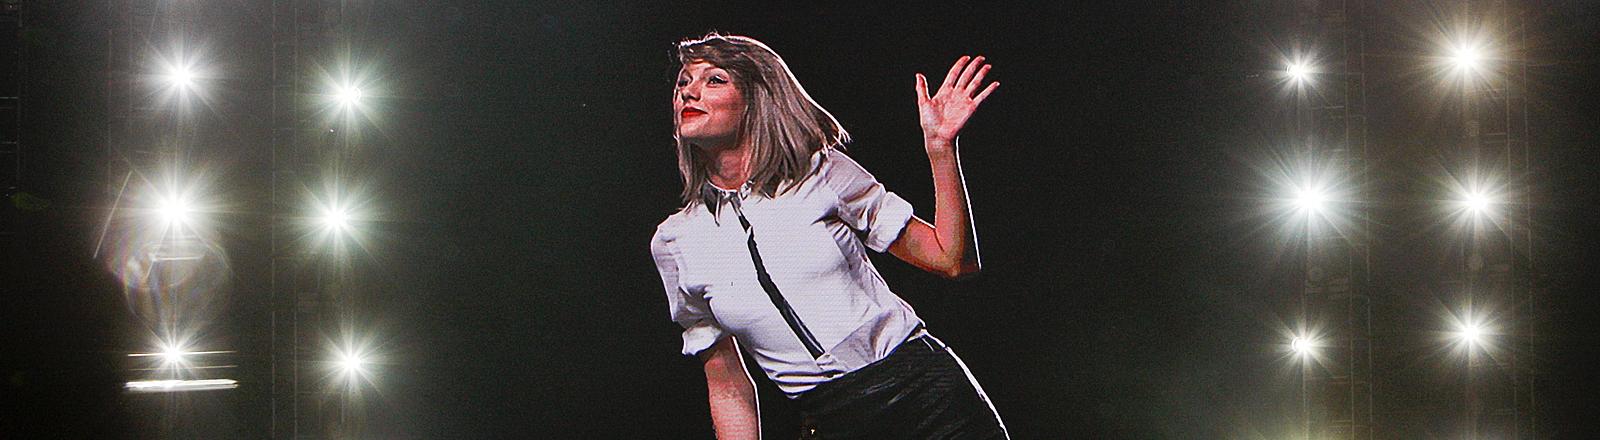 Taylor Swift bei einem Auftritt in Shanghai